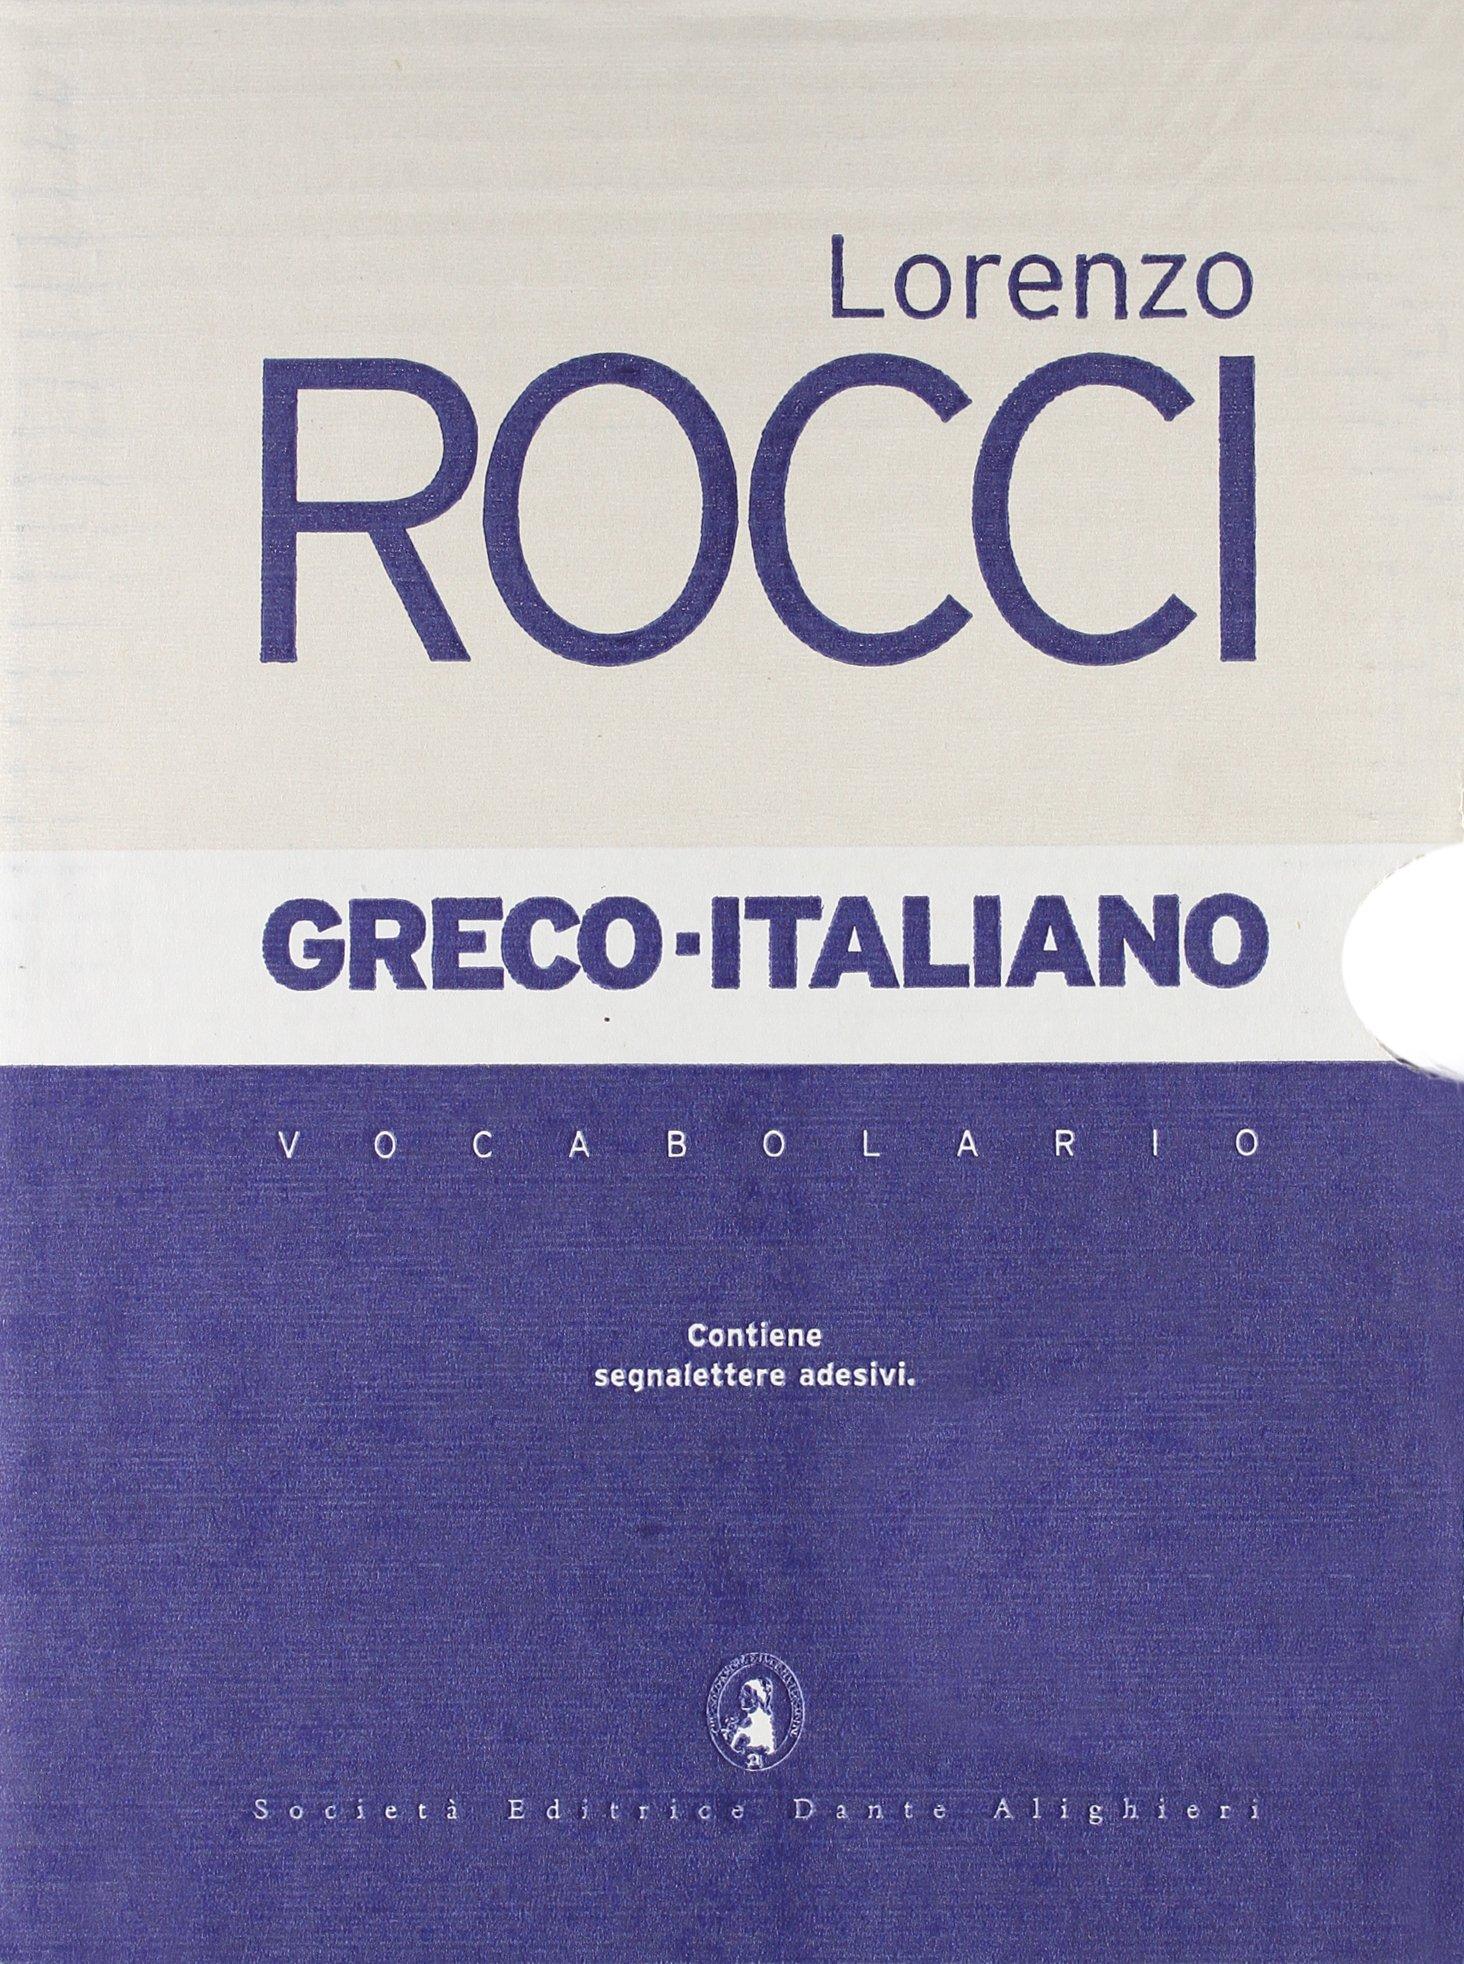 dizionario greco rocci